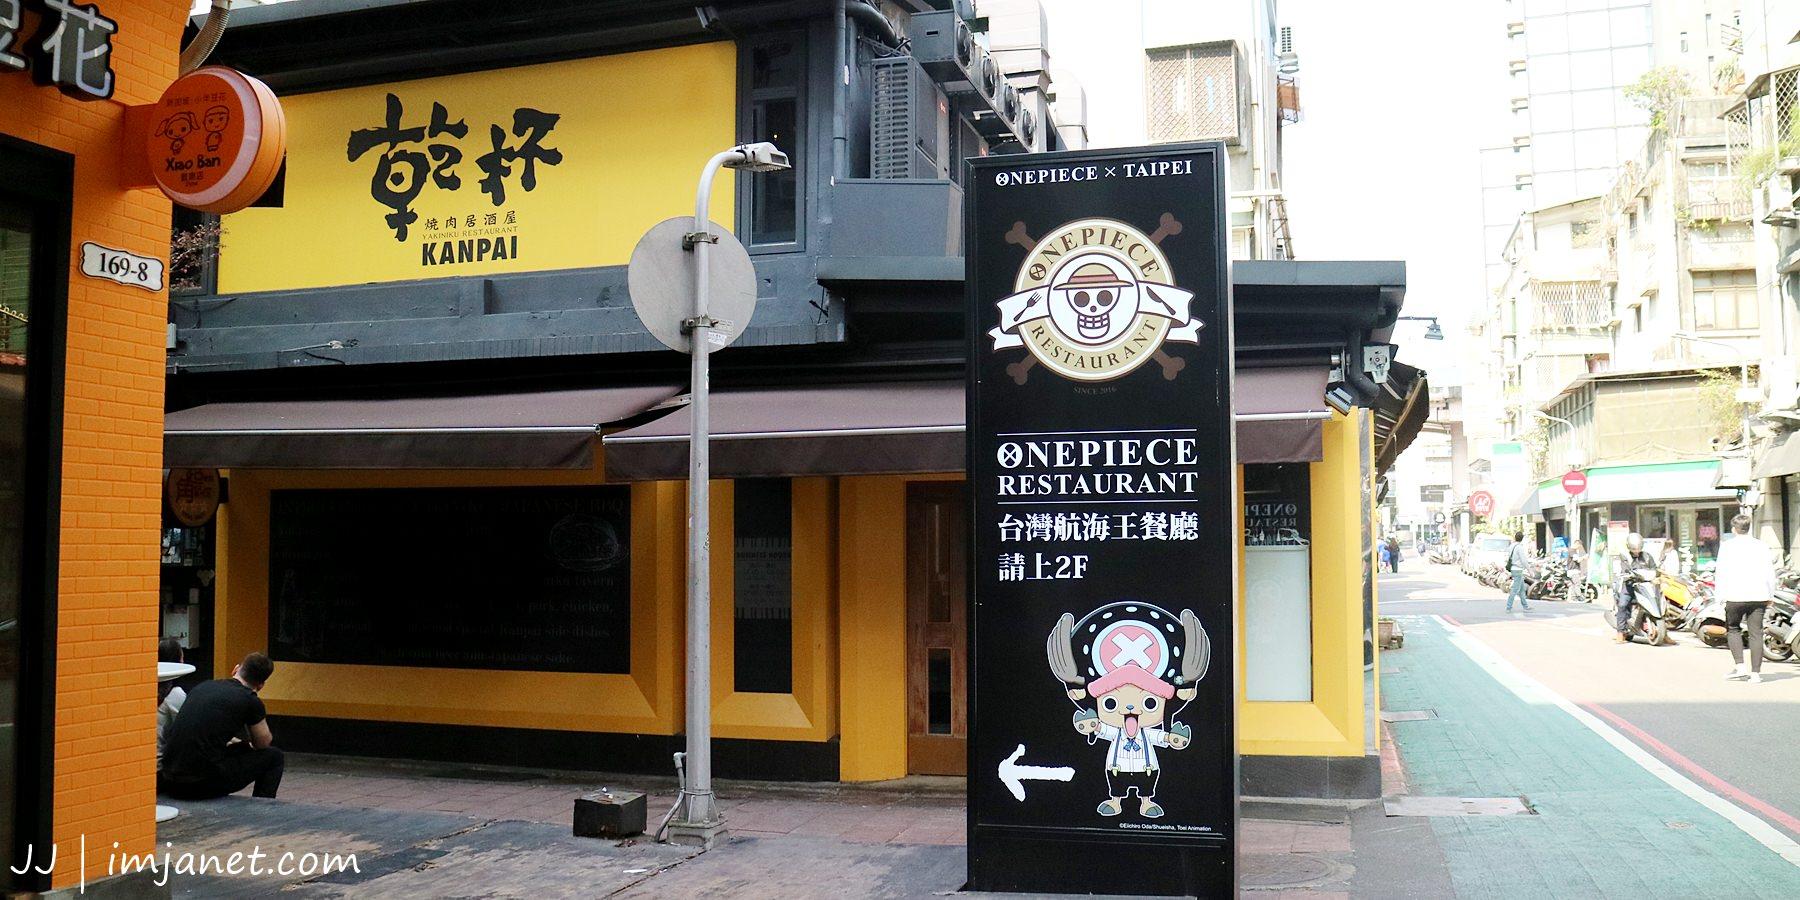 台北東區|台灣航海王餐廳ONE PIECE Restaurant,海賊迷不能錯過的拍照聖地